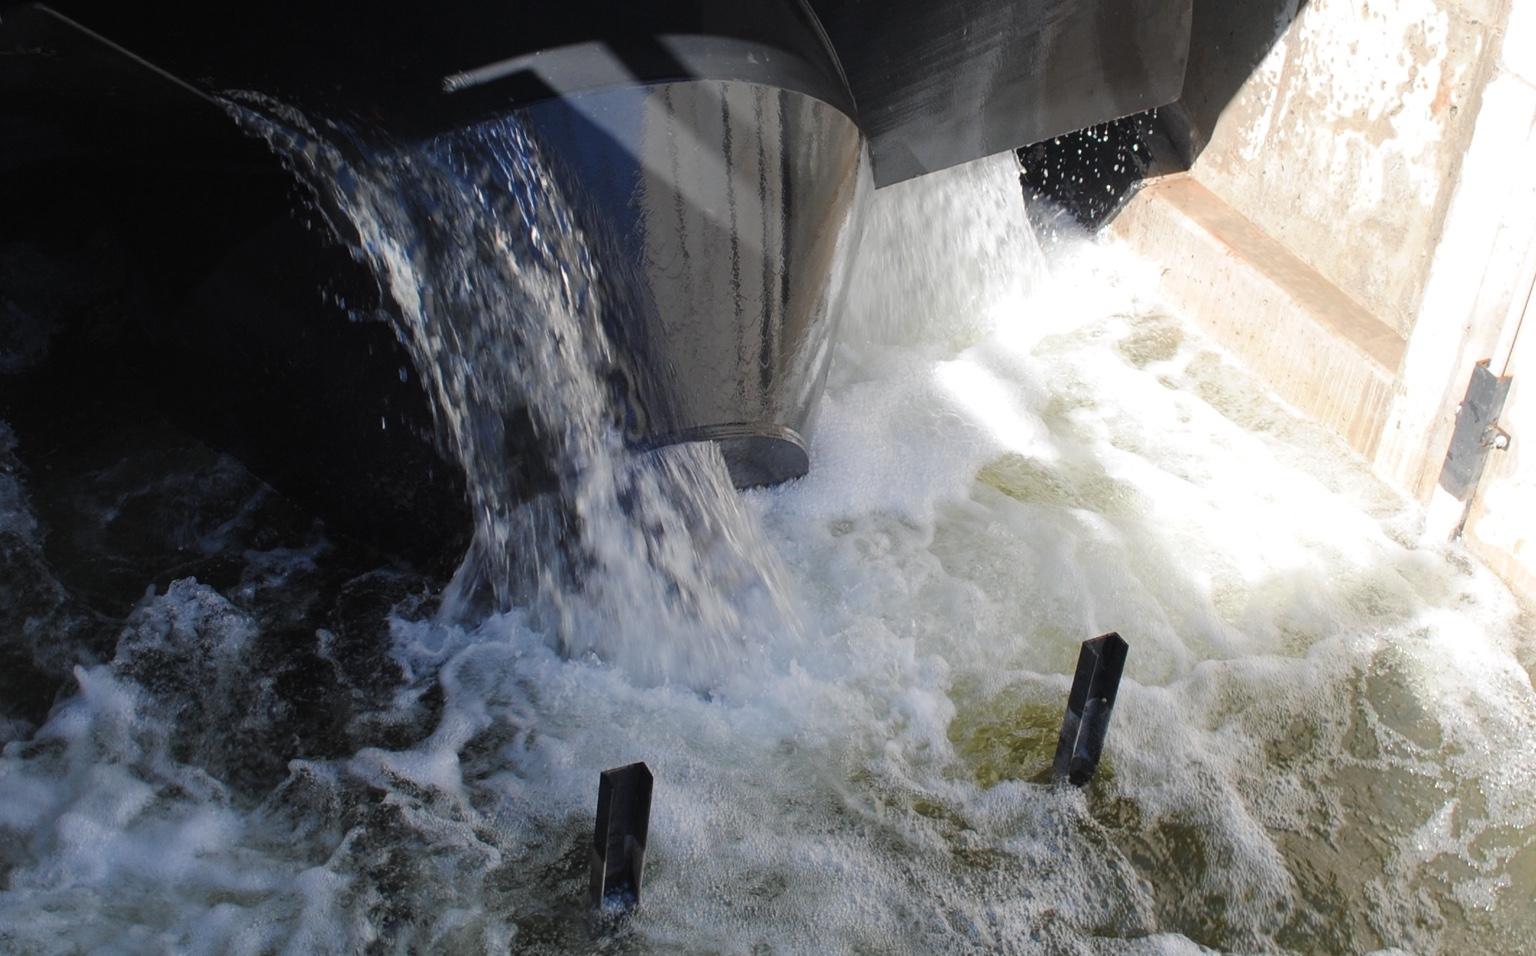 阿基米德螺旋涡轮机喷出的水